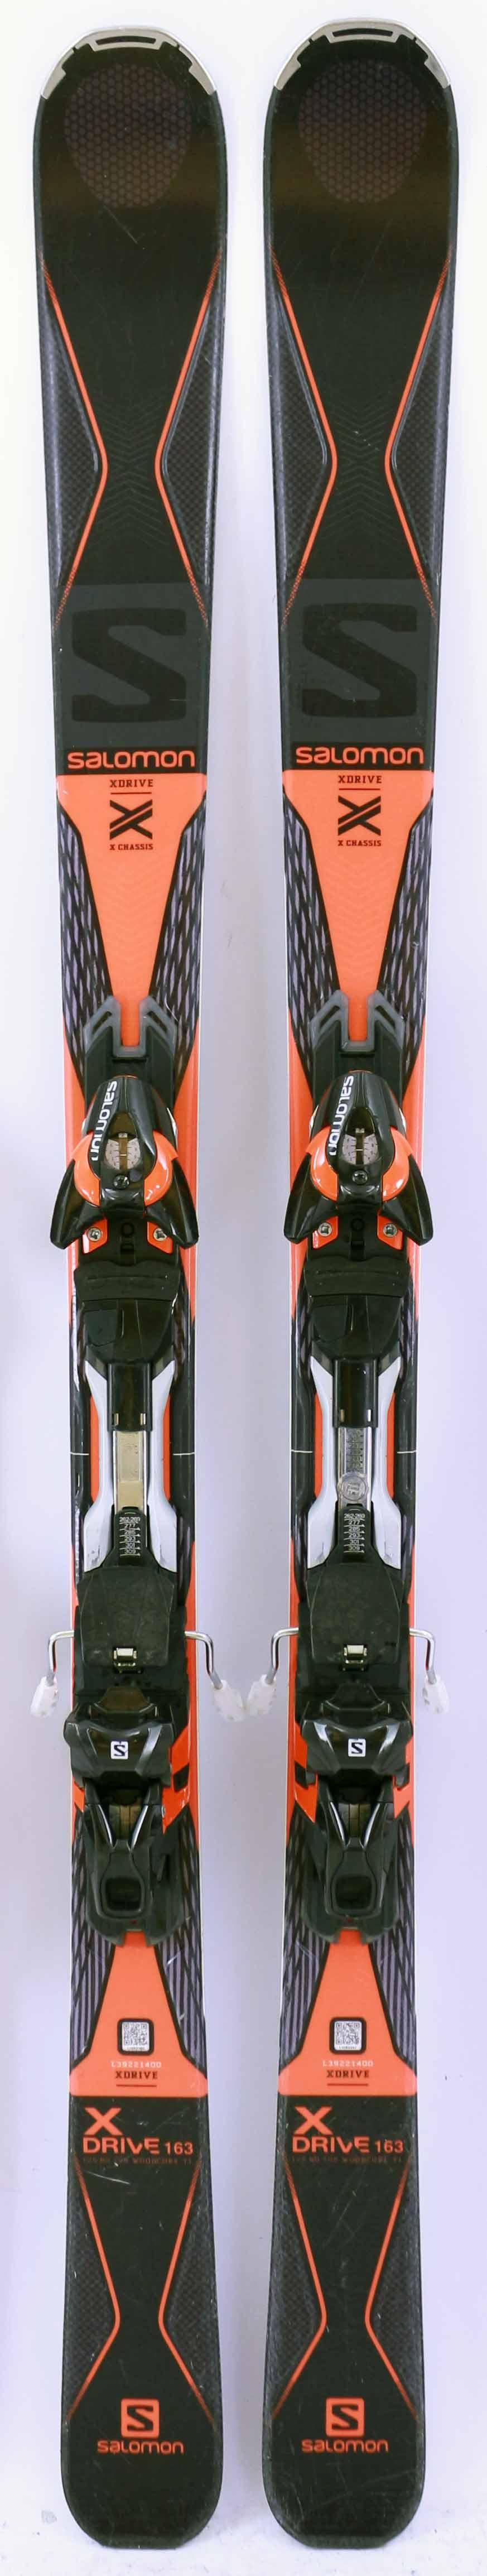 14 15 SALOMON X DRIVE 7.5 Used Men's Demo Skis wBindings